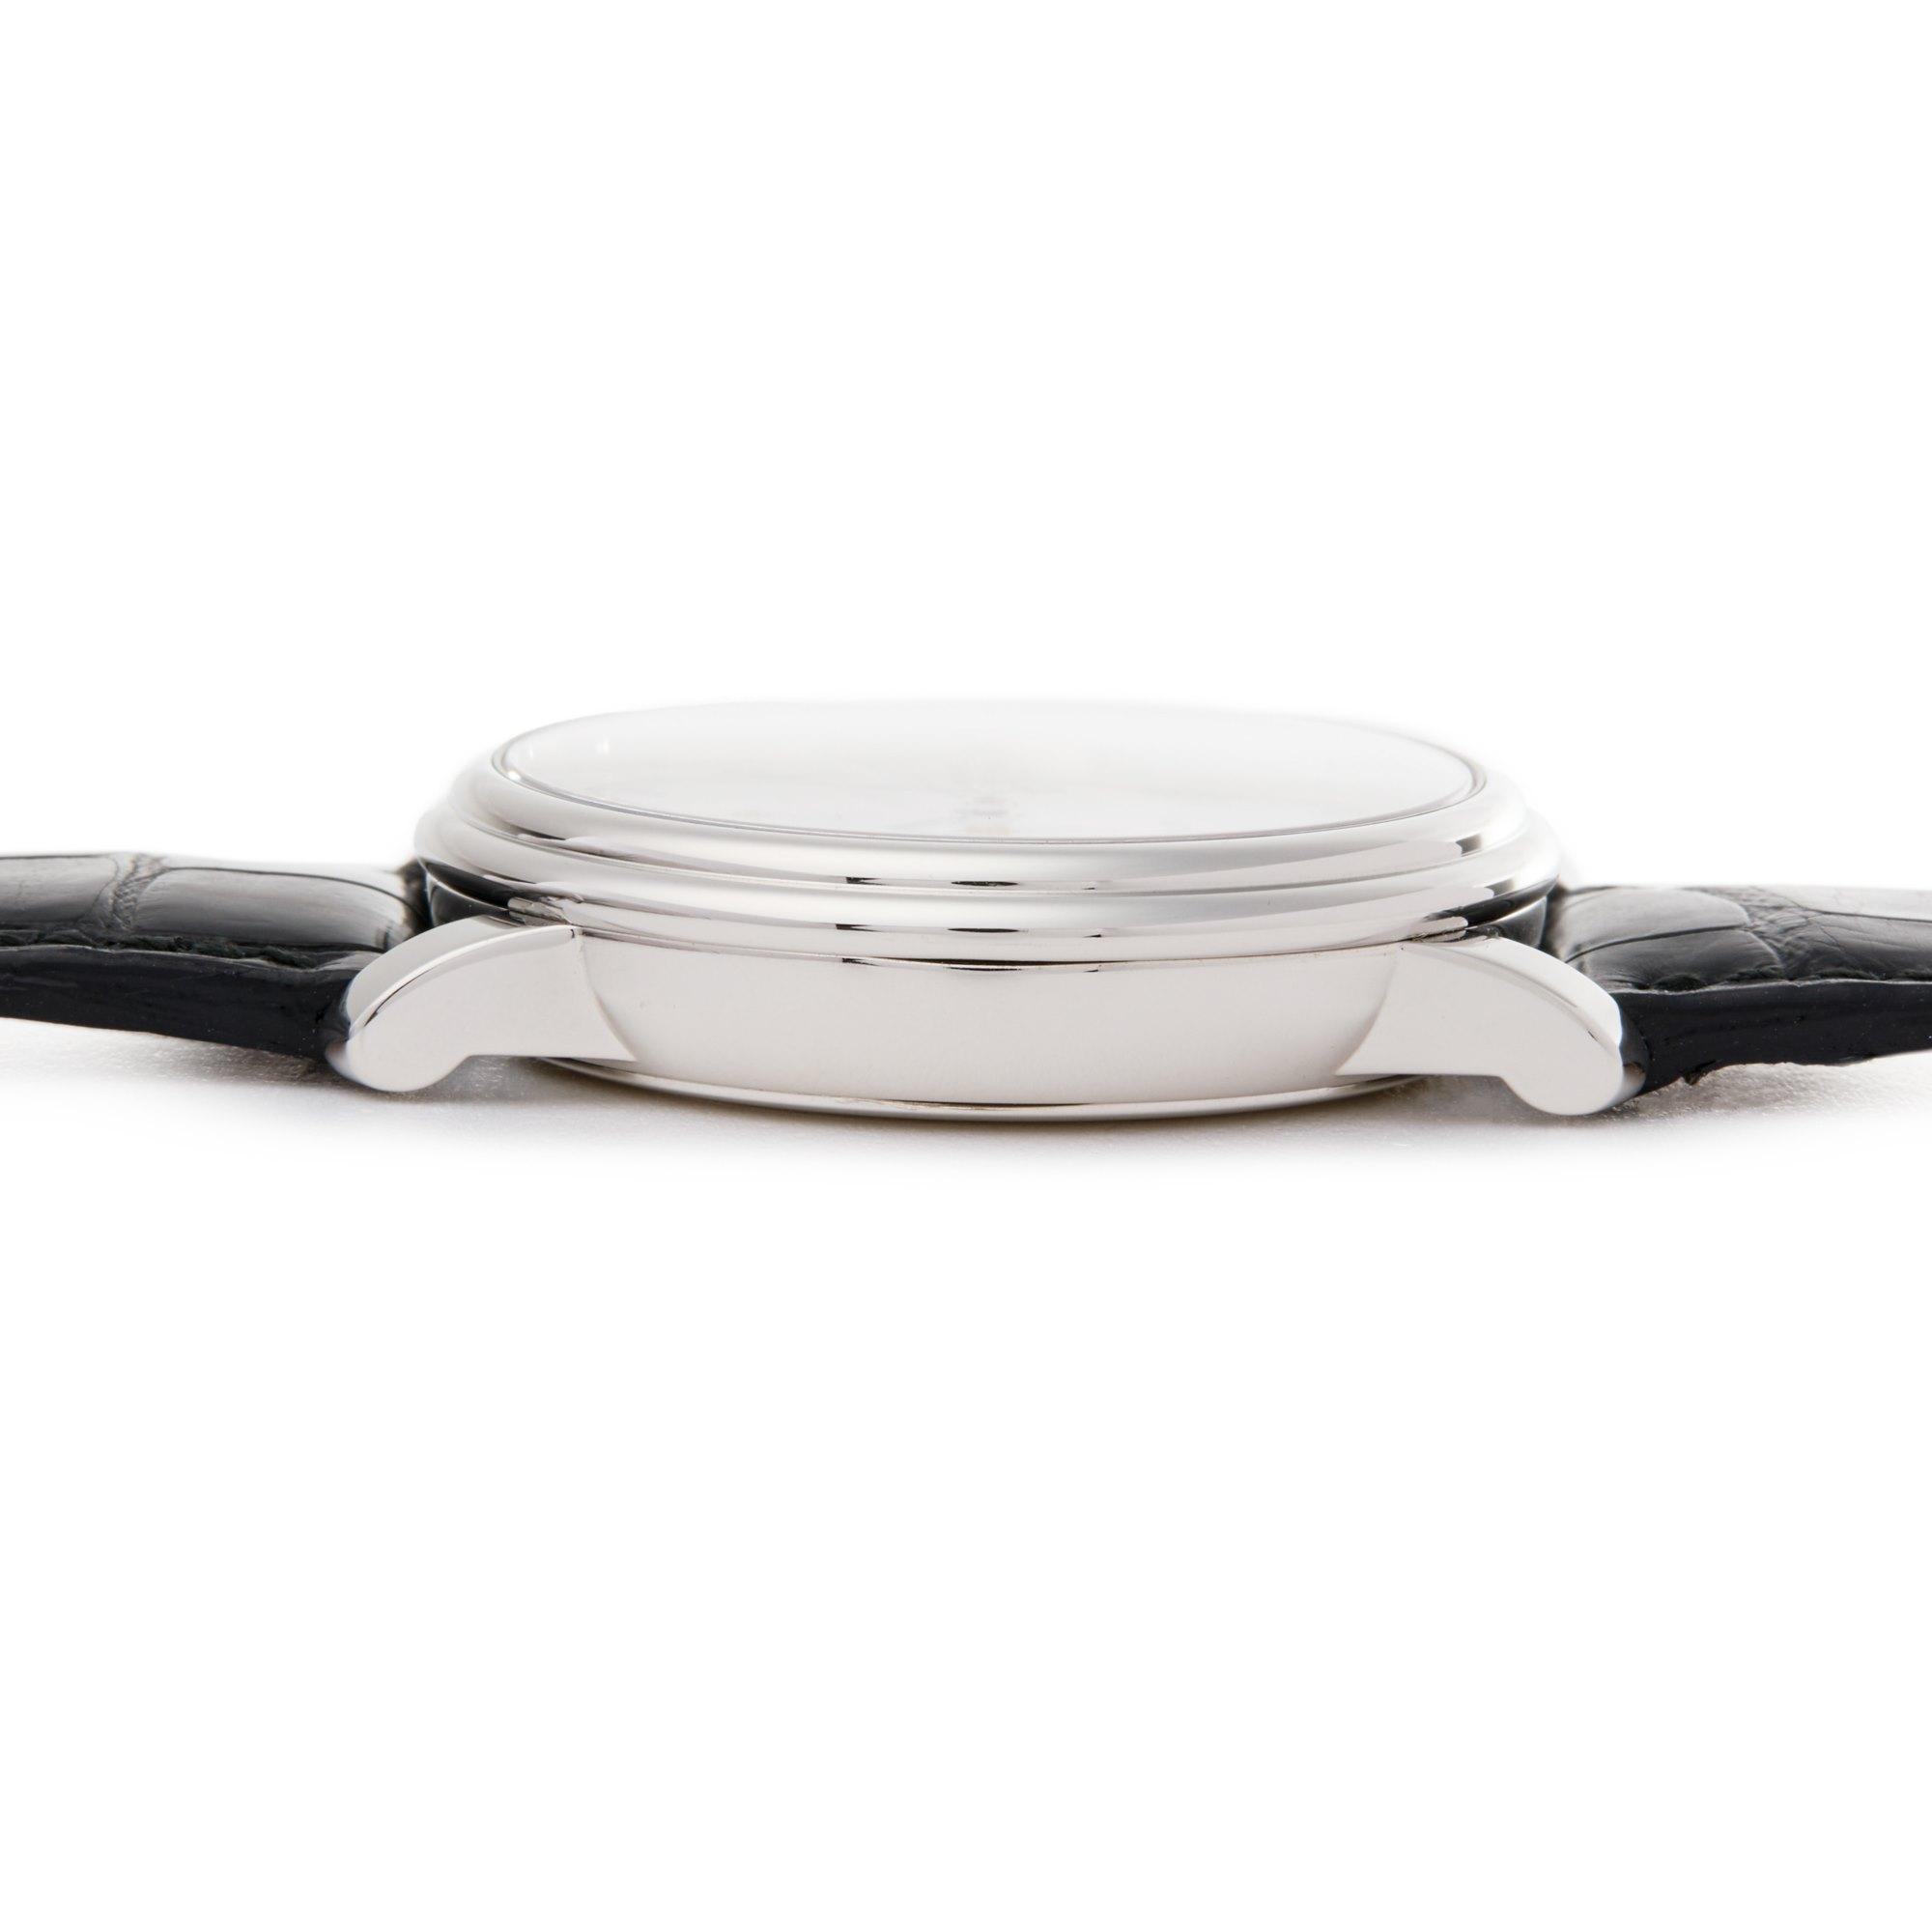 Blancpain Villeret 5 Jours Platinum 6613-3403-55B